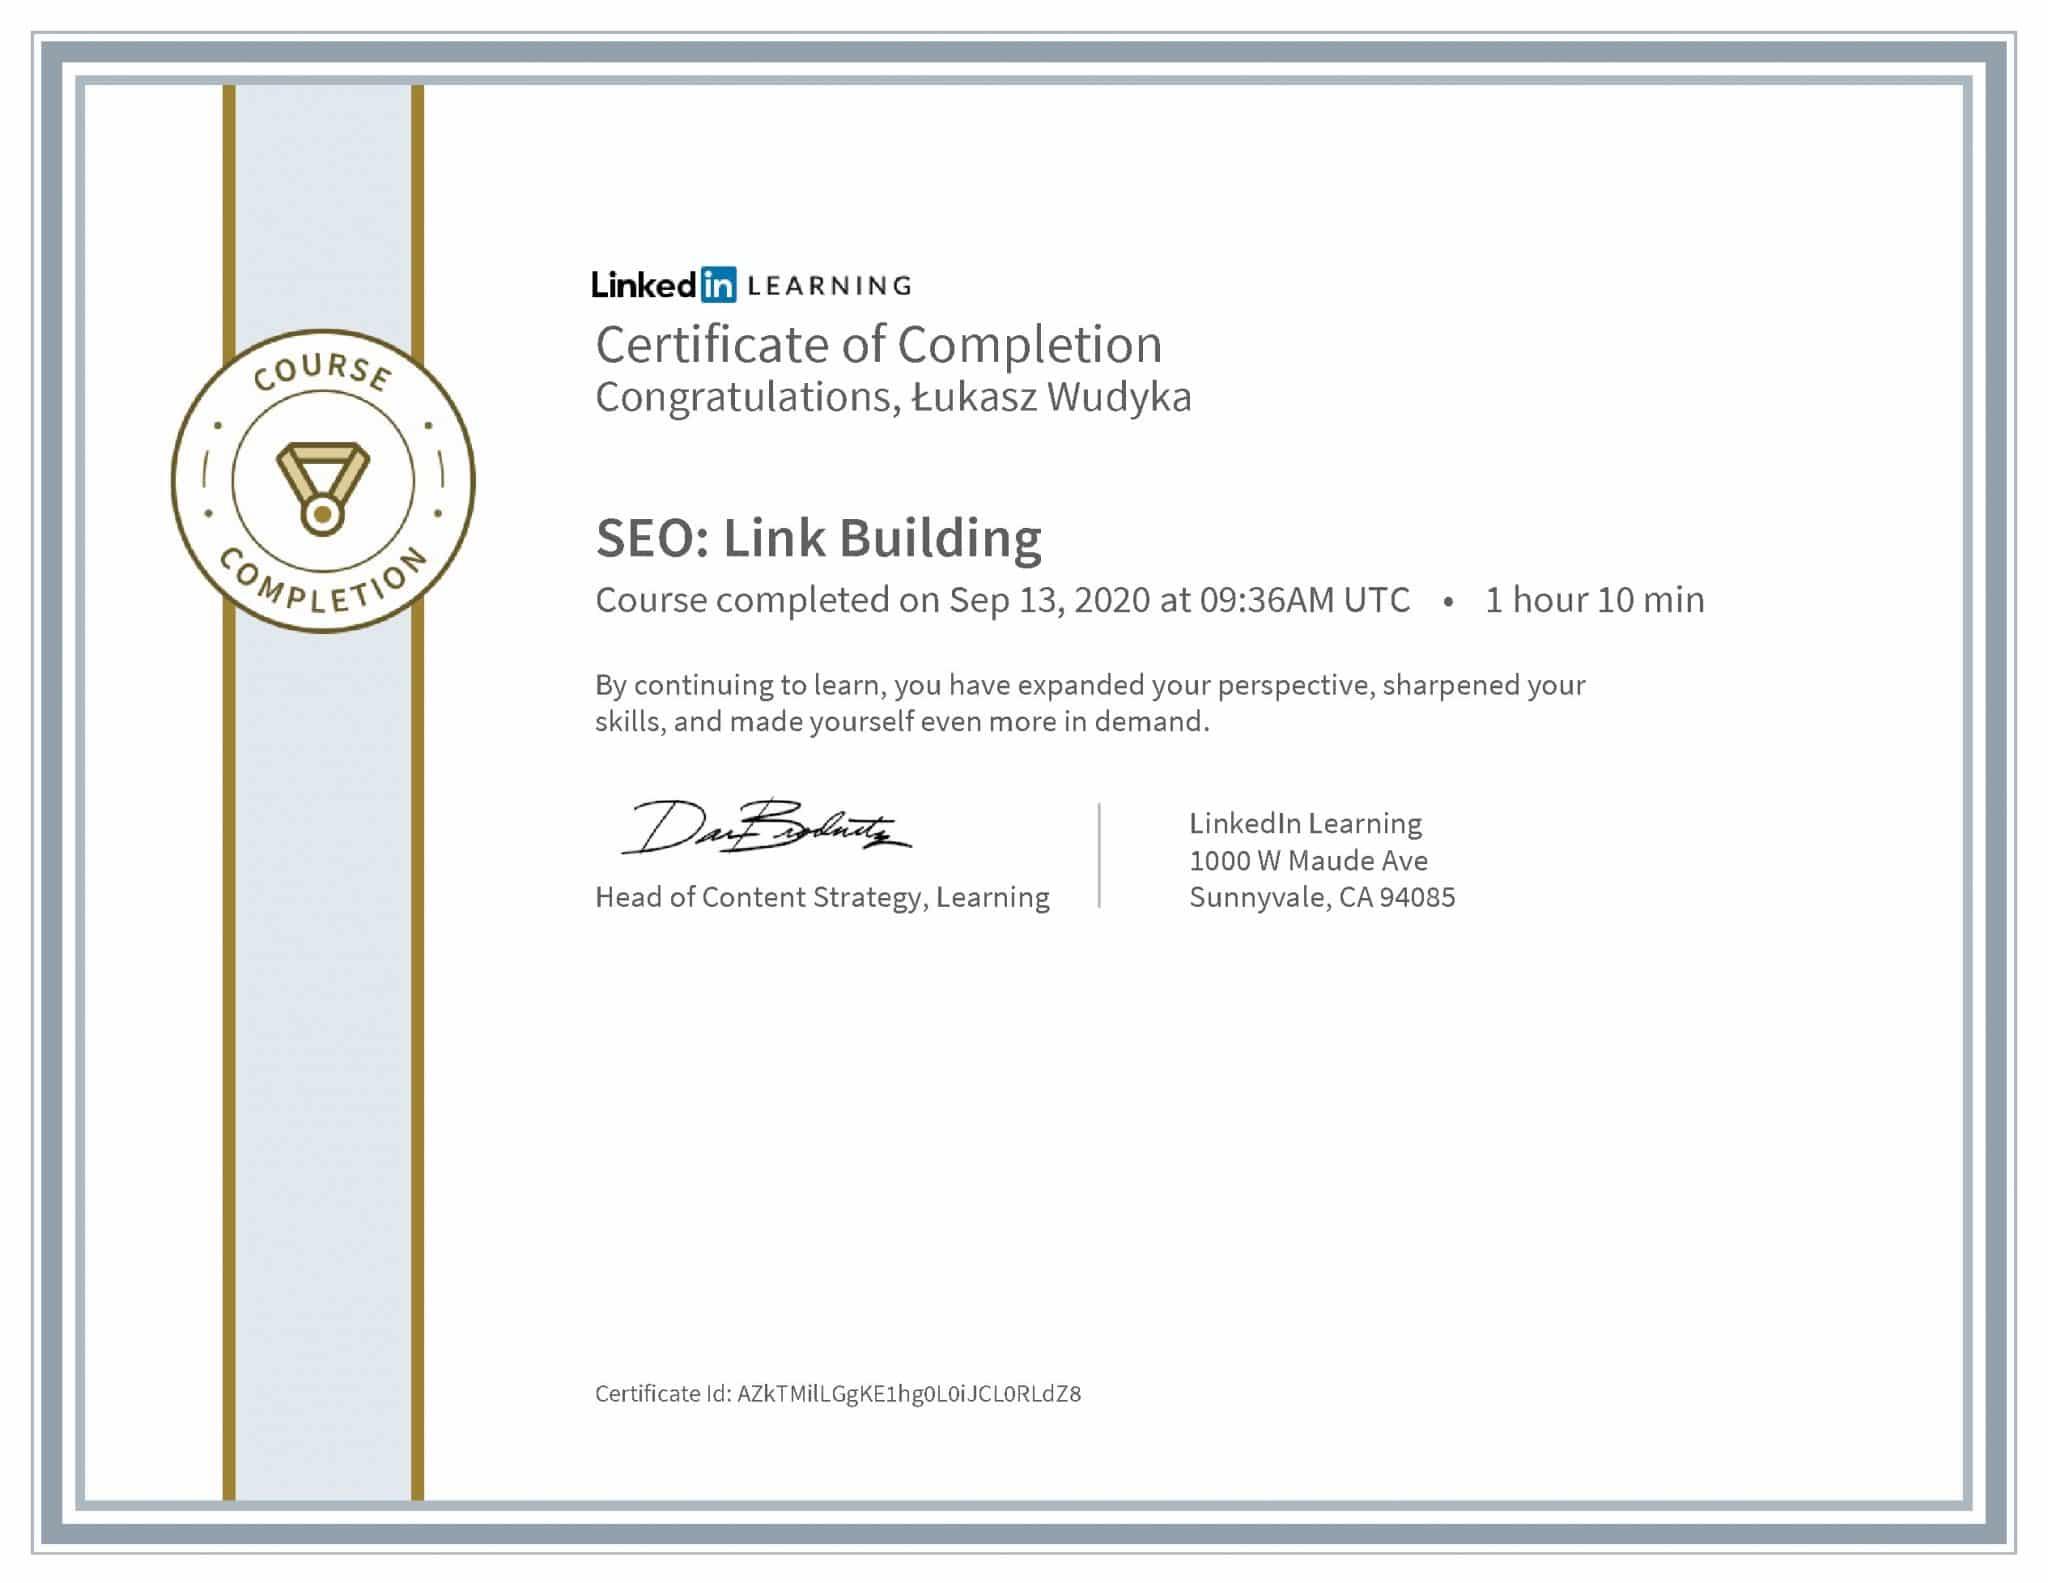 Łukasz Wudyka certyfikat LinkedIn SEO: Link Building